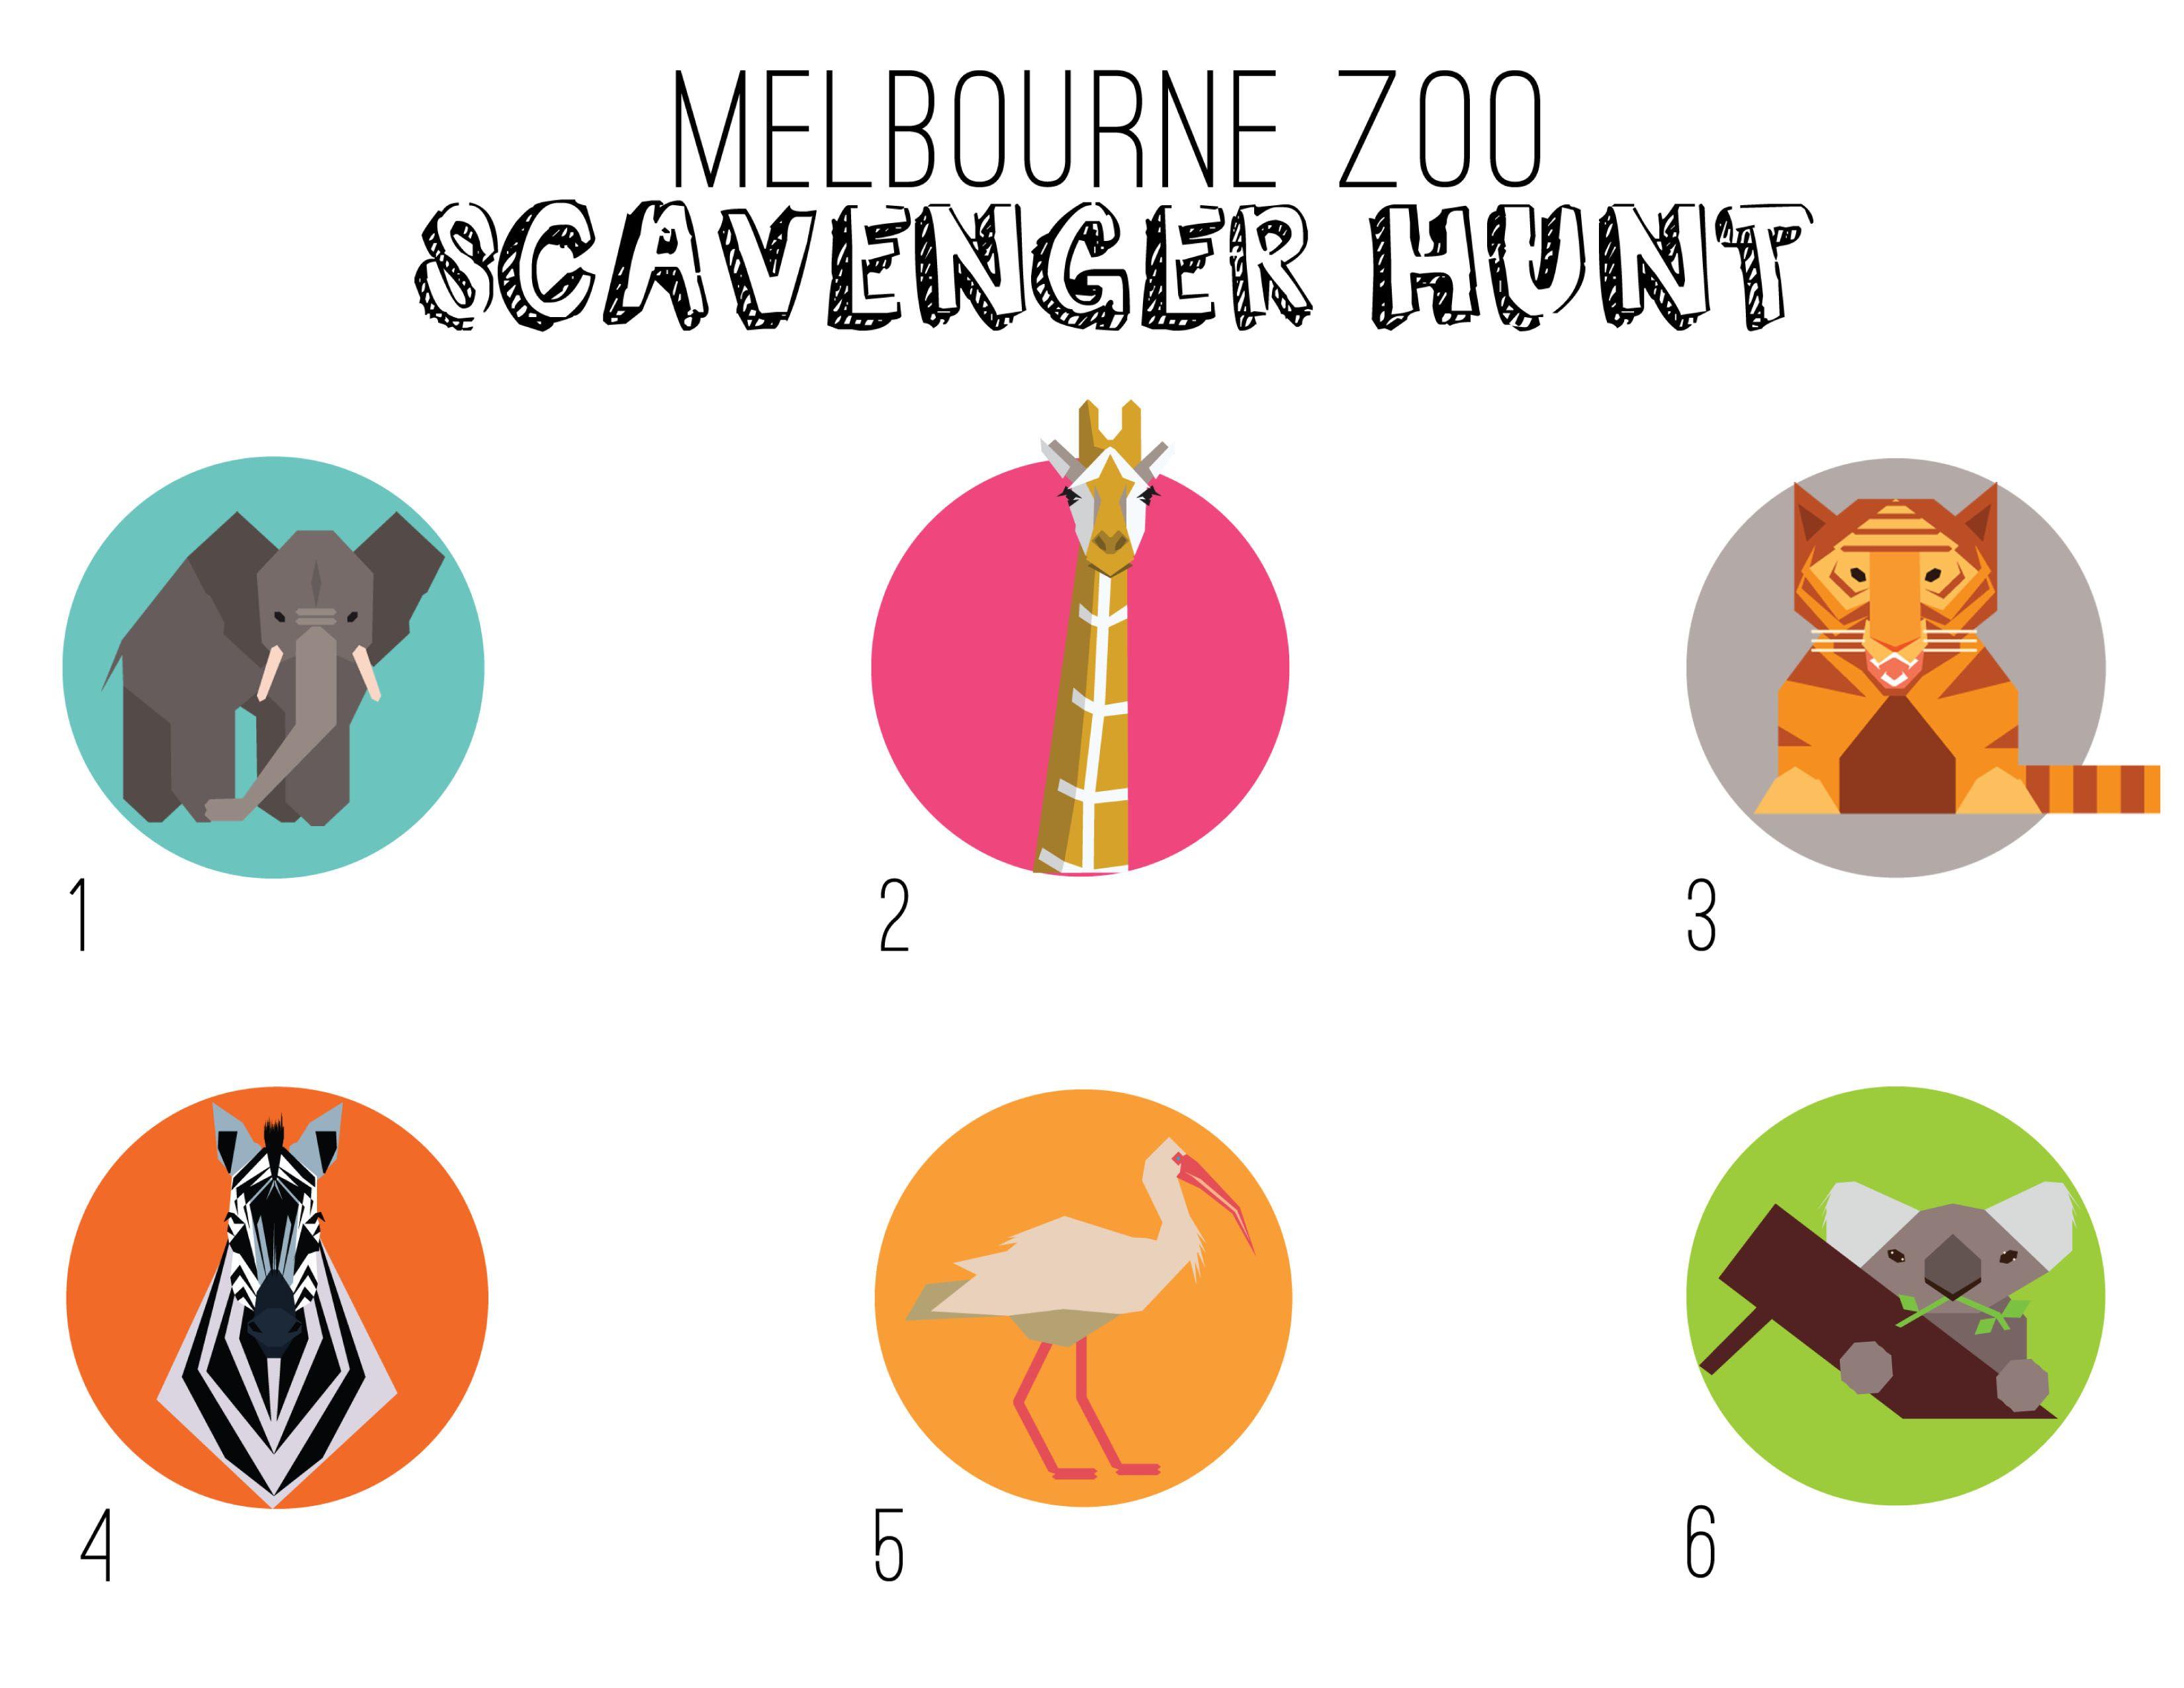 Melbourne Zoo Scavengerhunt Activities For Kids E S C A P E